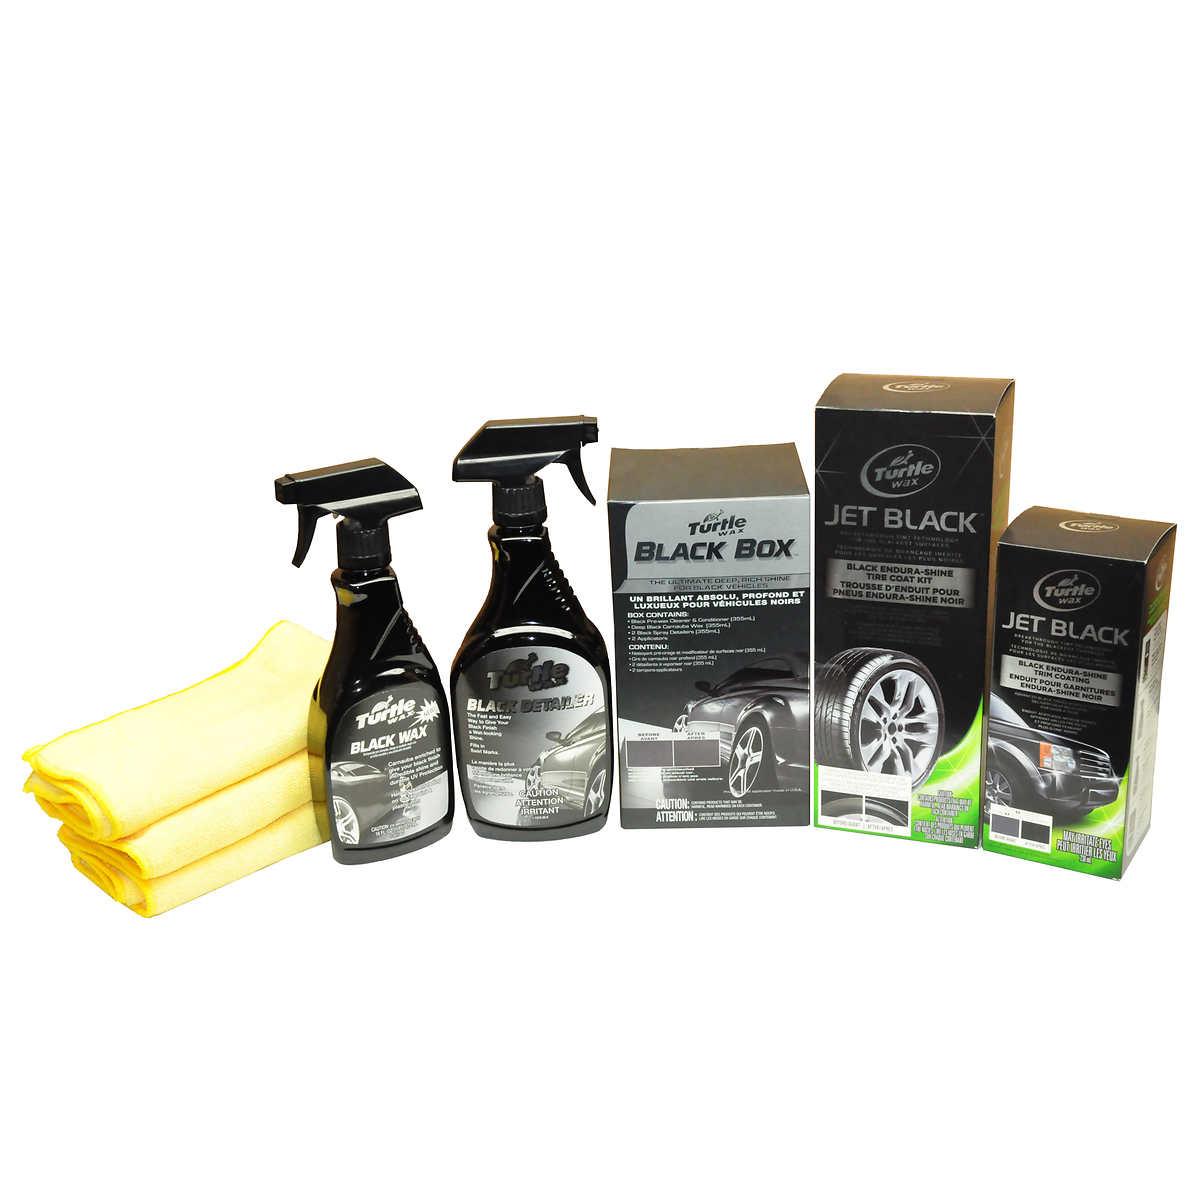 Turtle wax jet black black box car care kit